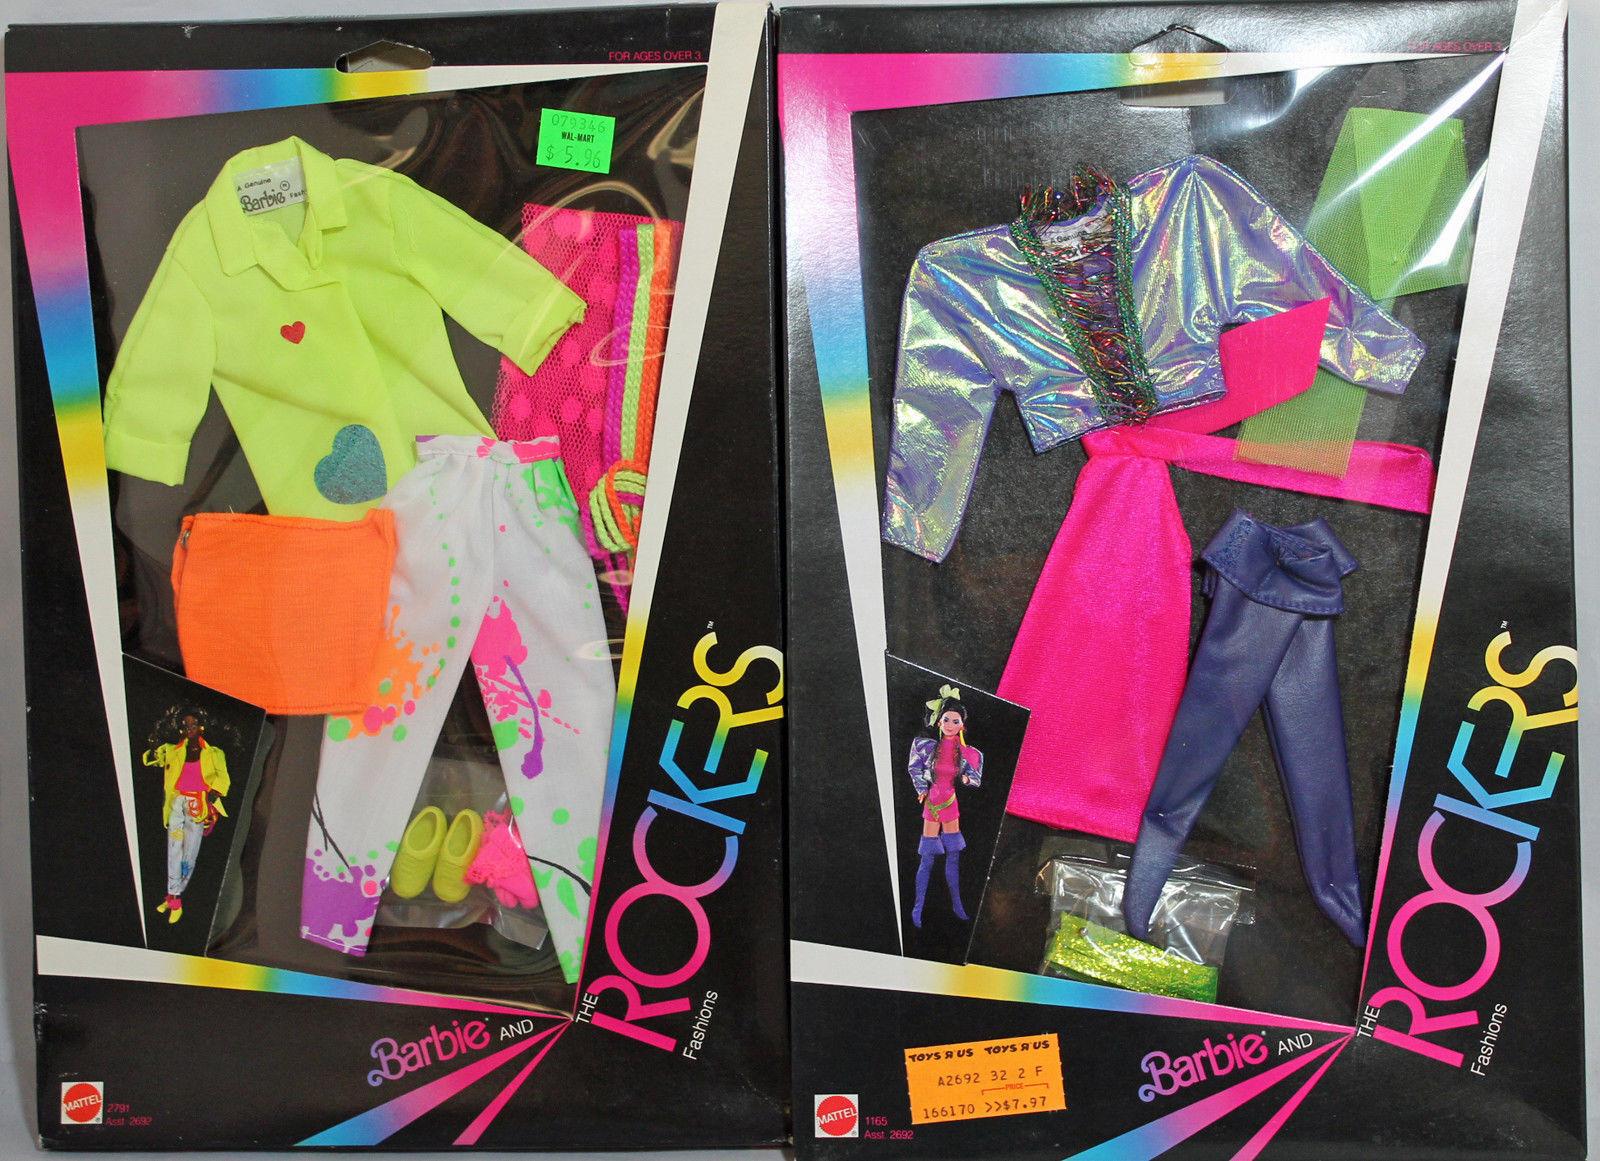 Barbie Y Los Rockers Fashions Traje - 1165,2791